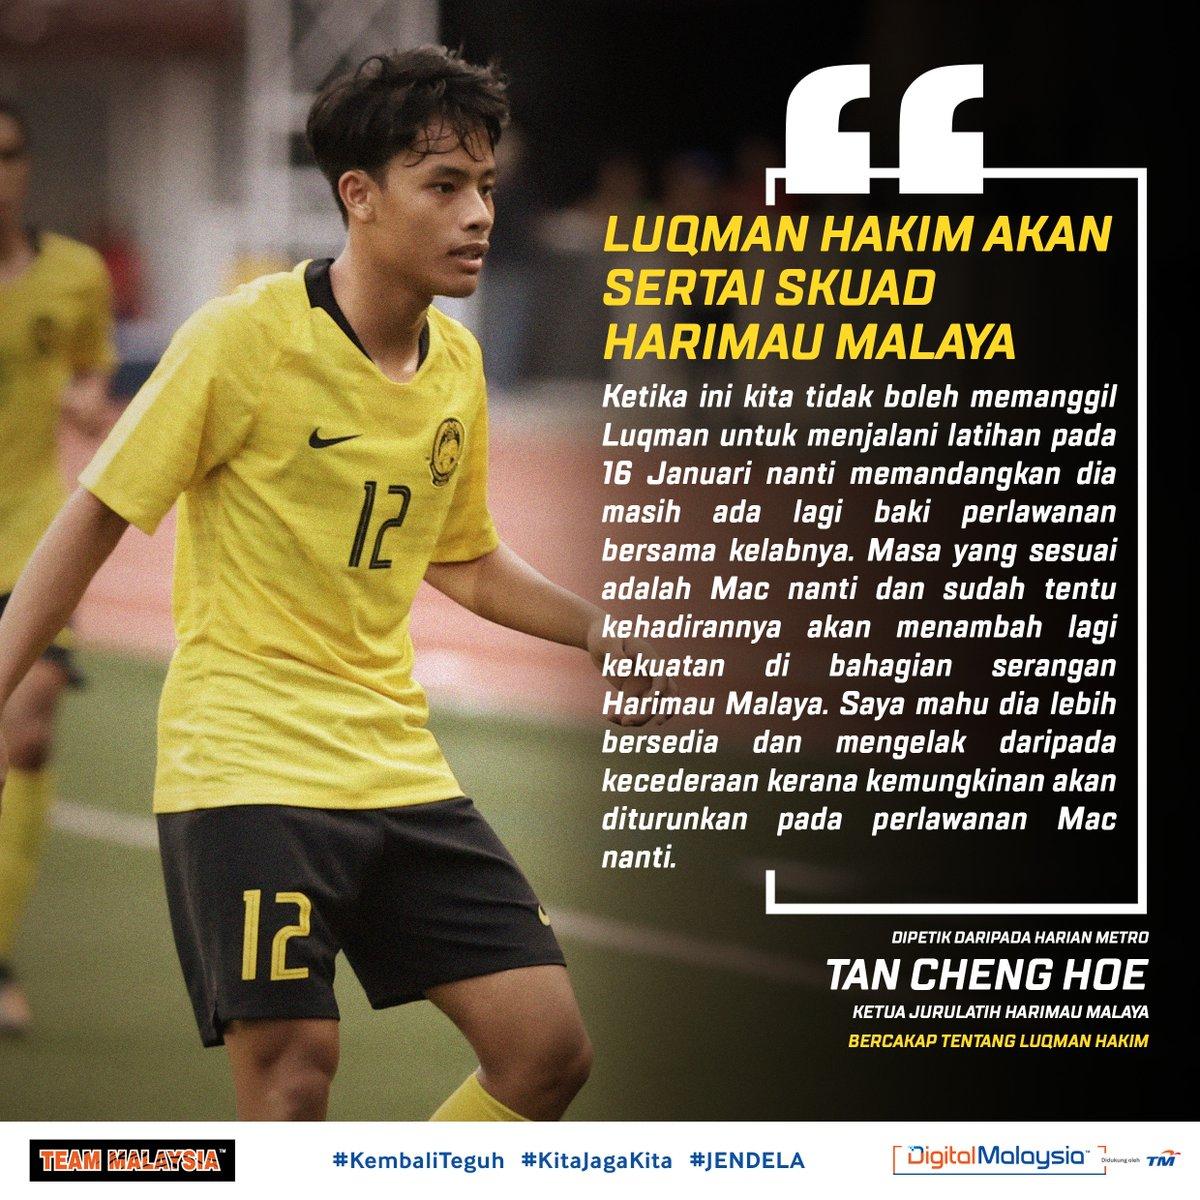 Sudah tiba masanya & langkah tepat untuk memberi peluang kepada @luqmansham10 bersama #HarimauMalaya?  Kalau semua berjalan lancar pemain @kvkofficieel ini bakal memperkuatkan pasukan untuk #WCQ #AsianQualifiers Mac depan. Get ready, Luqie! 🔥 #KitaJagaKita #KamiTeamMalaysia